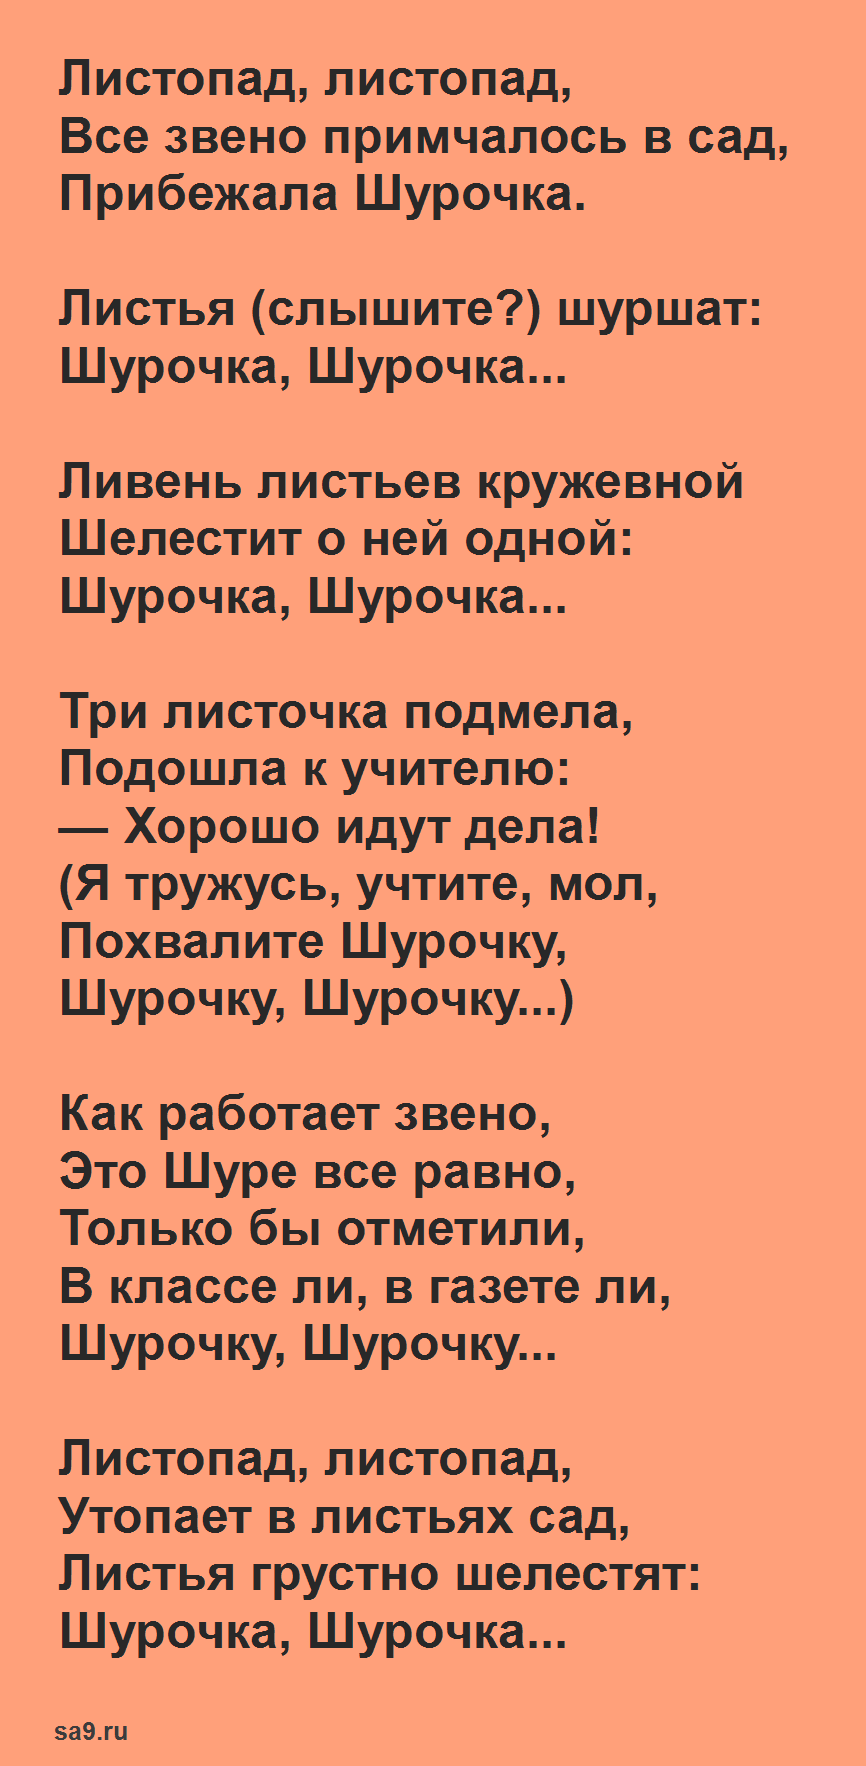 Шуточные стихи для детей 1 класса - Шуточка про Шурочку, Барто